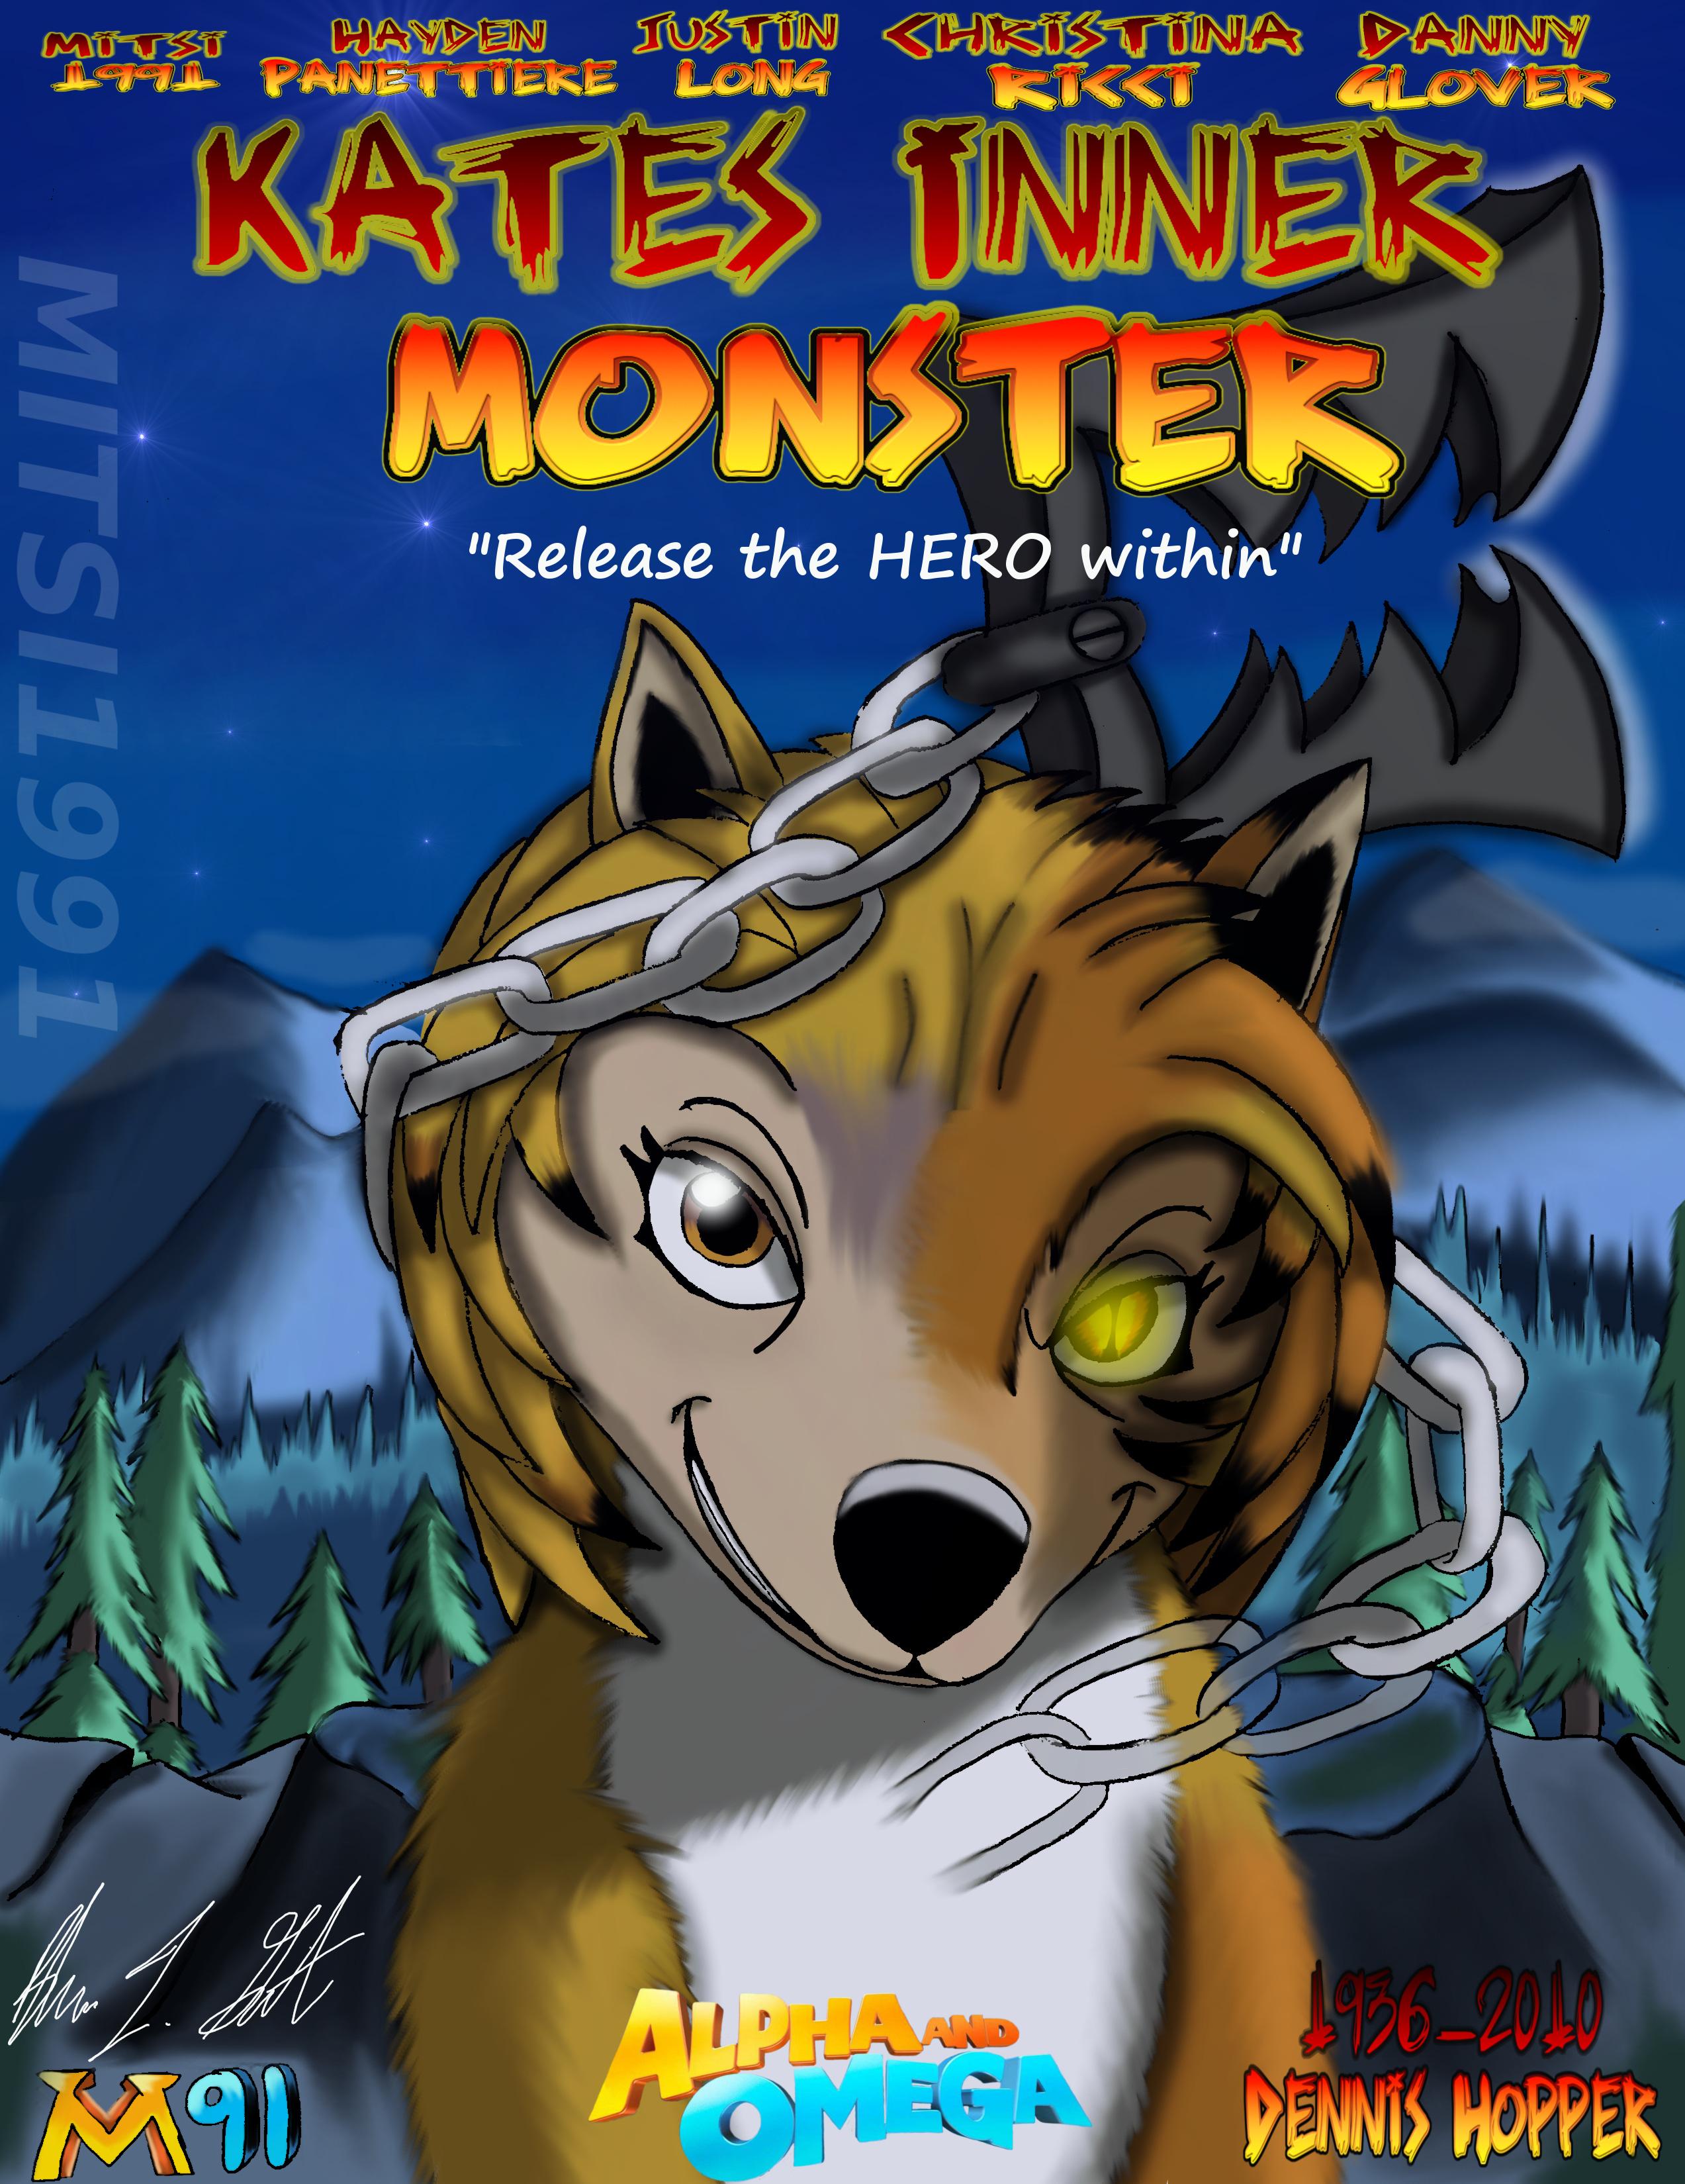 Kates Inner Monster Movie Poster